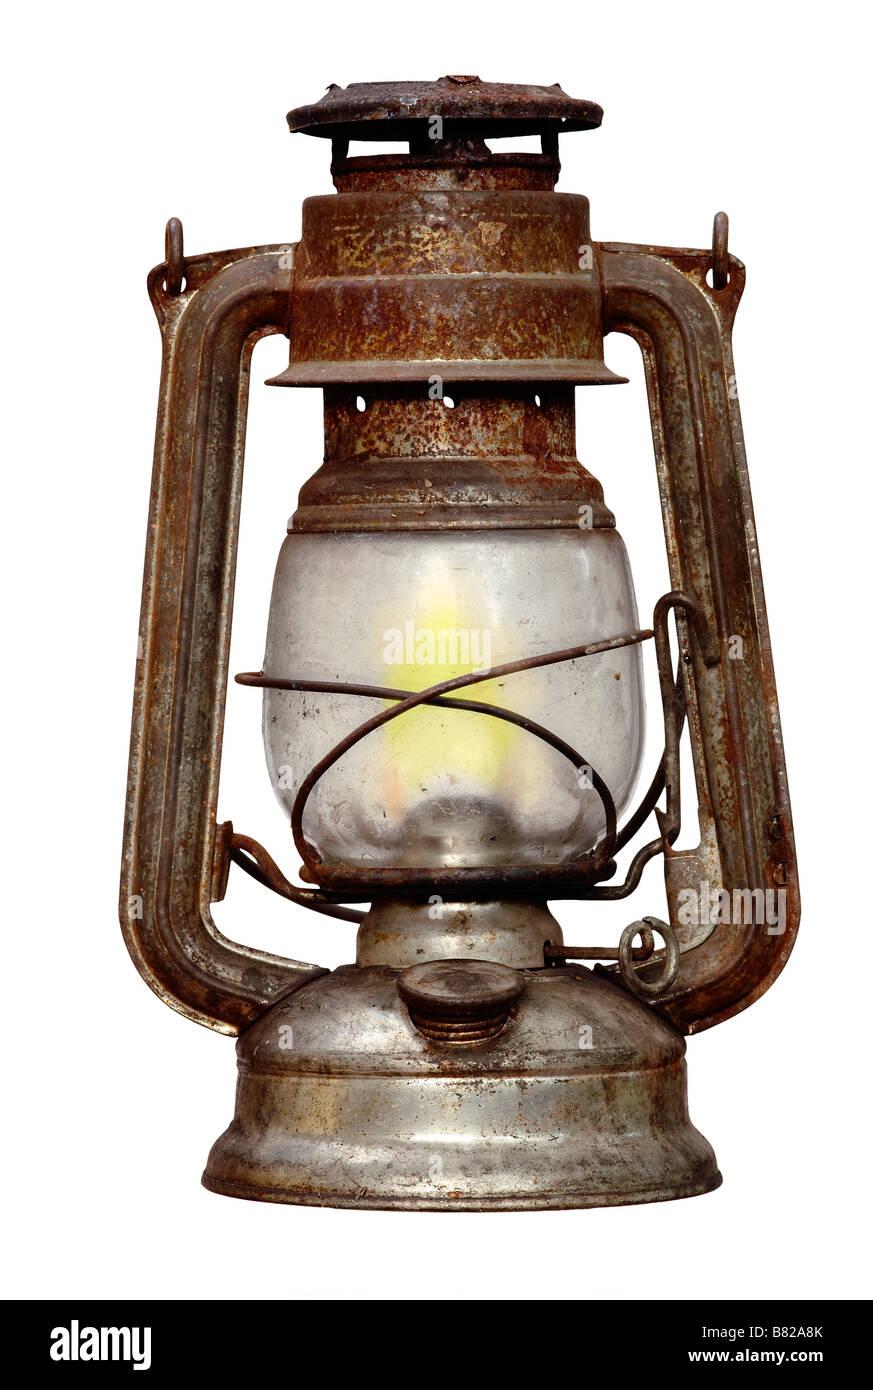 antique time-worn kerosene lamp - Stock Image